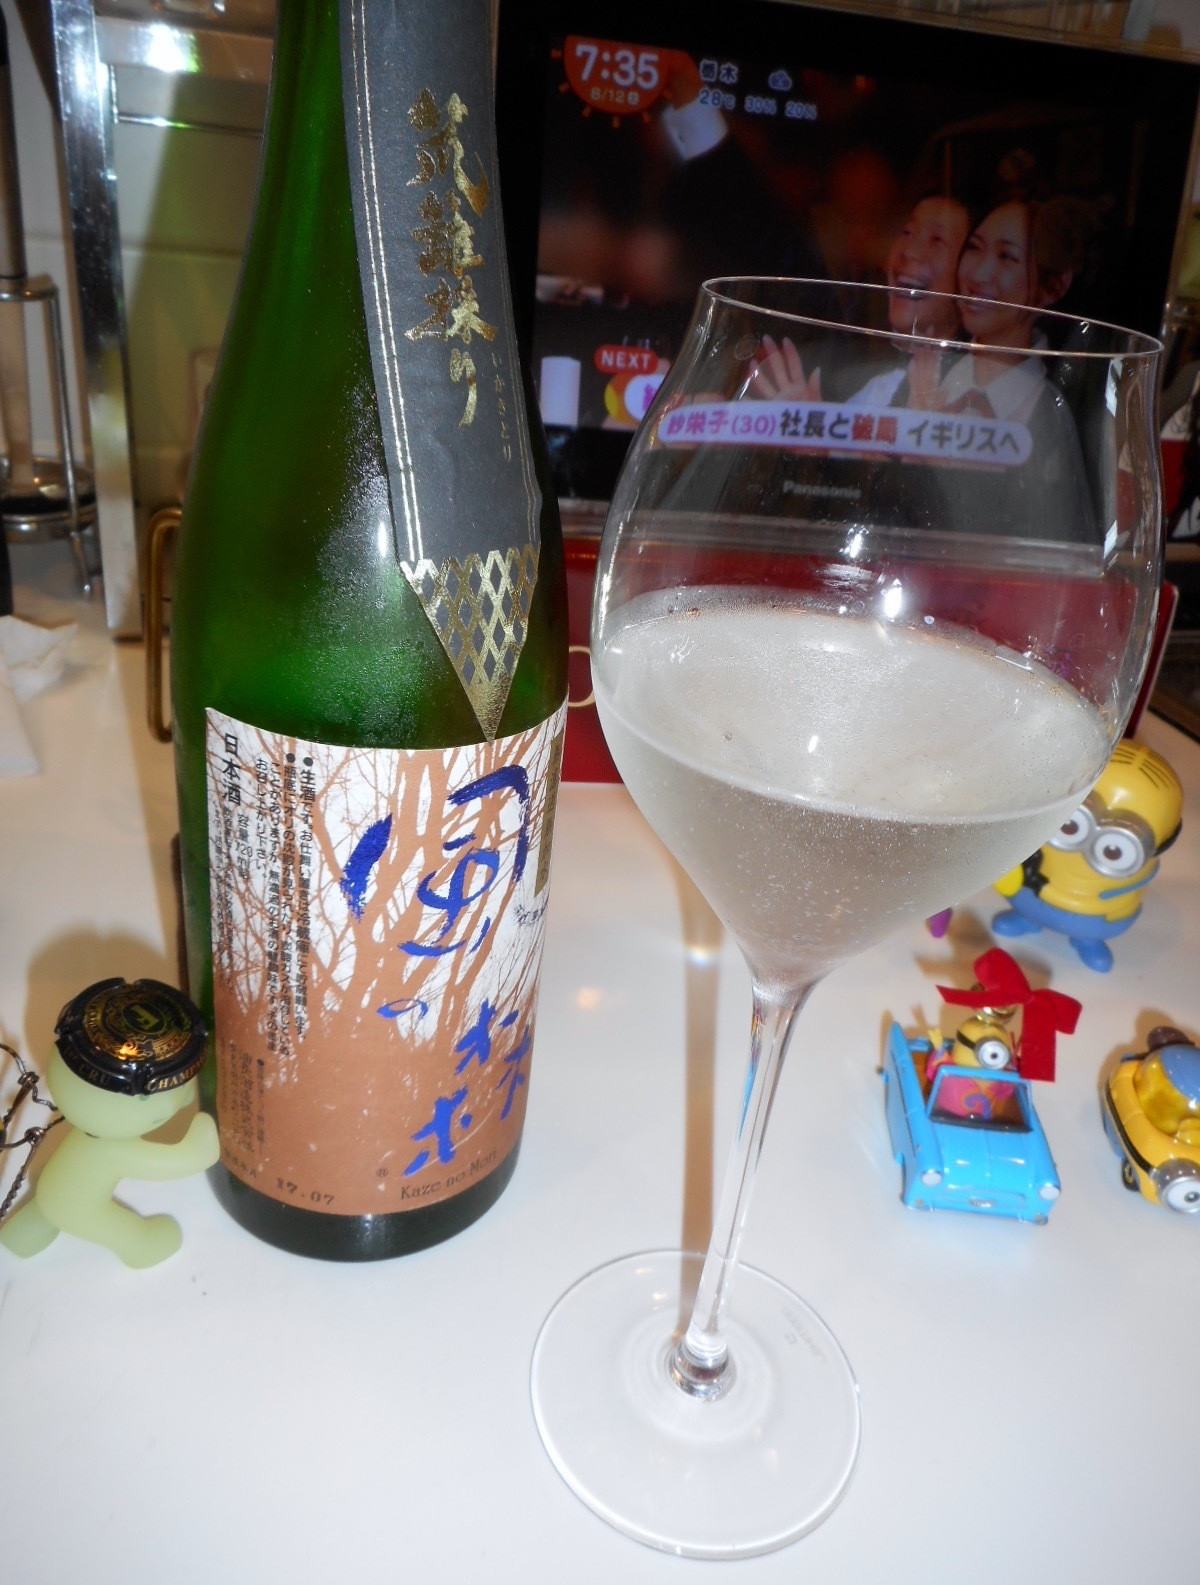 kazenomori_ikaki_omachi80_28by7.jpg